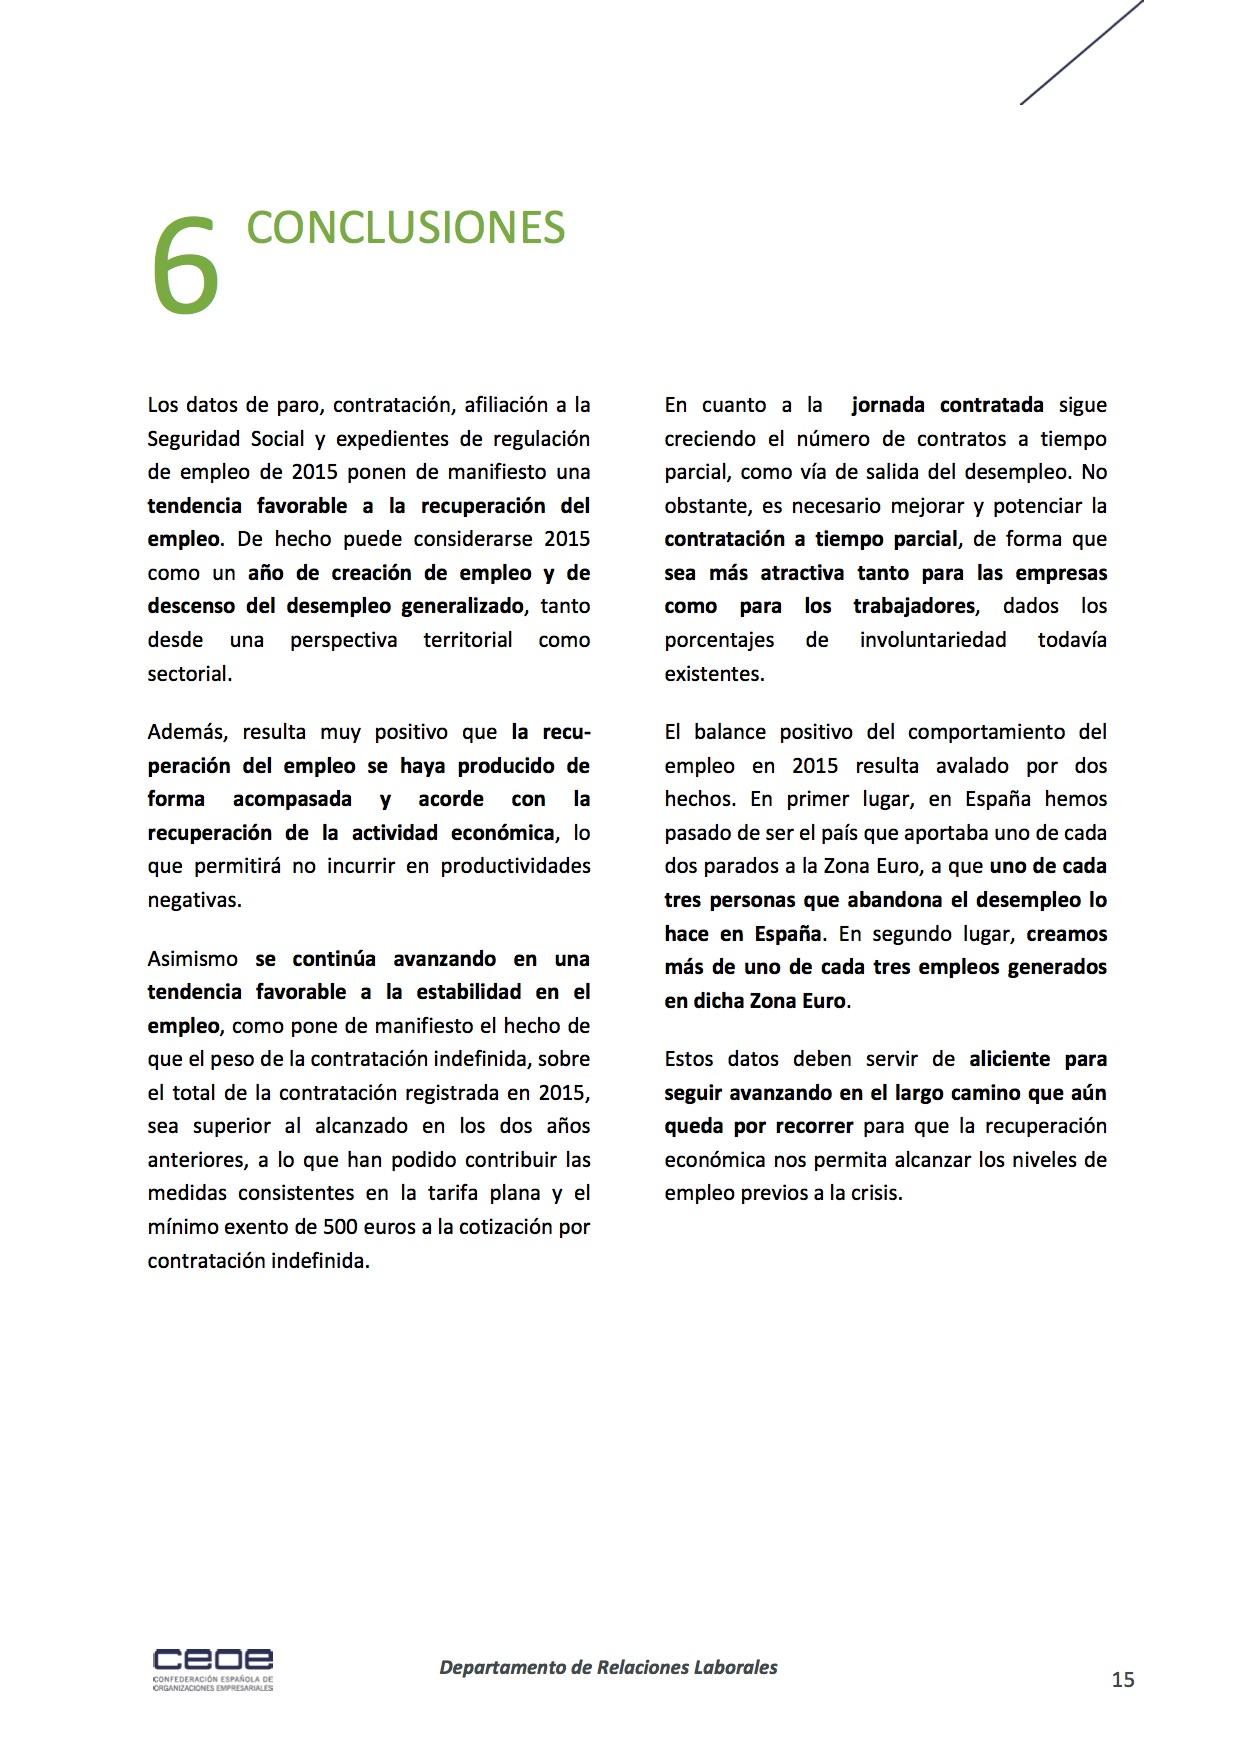 15publications_docs-file-175-analisis-del-mercado-laboral-de-2015